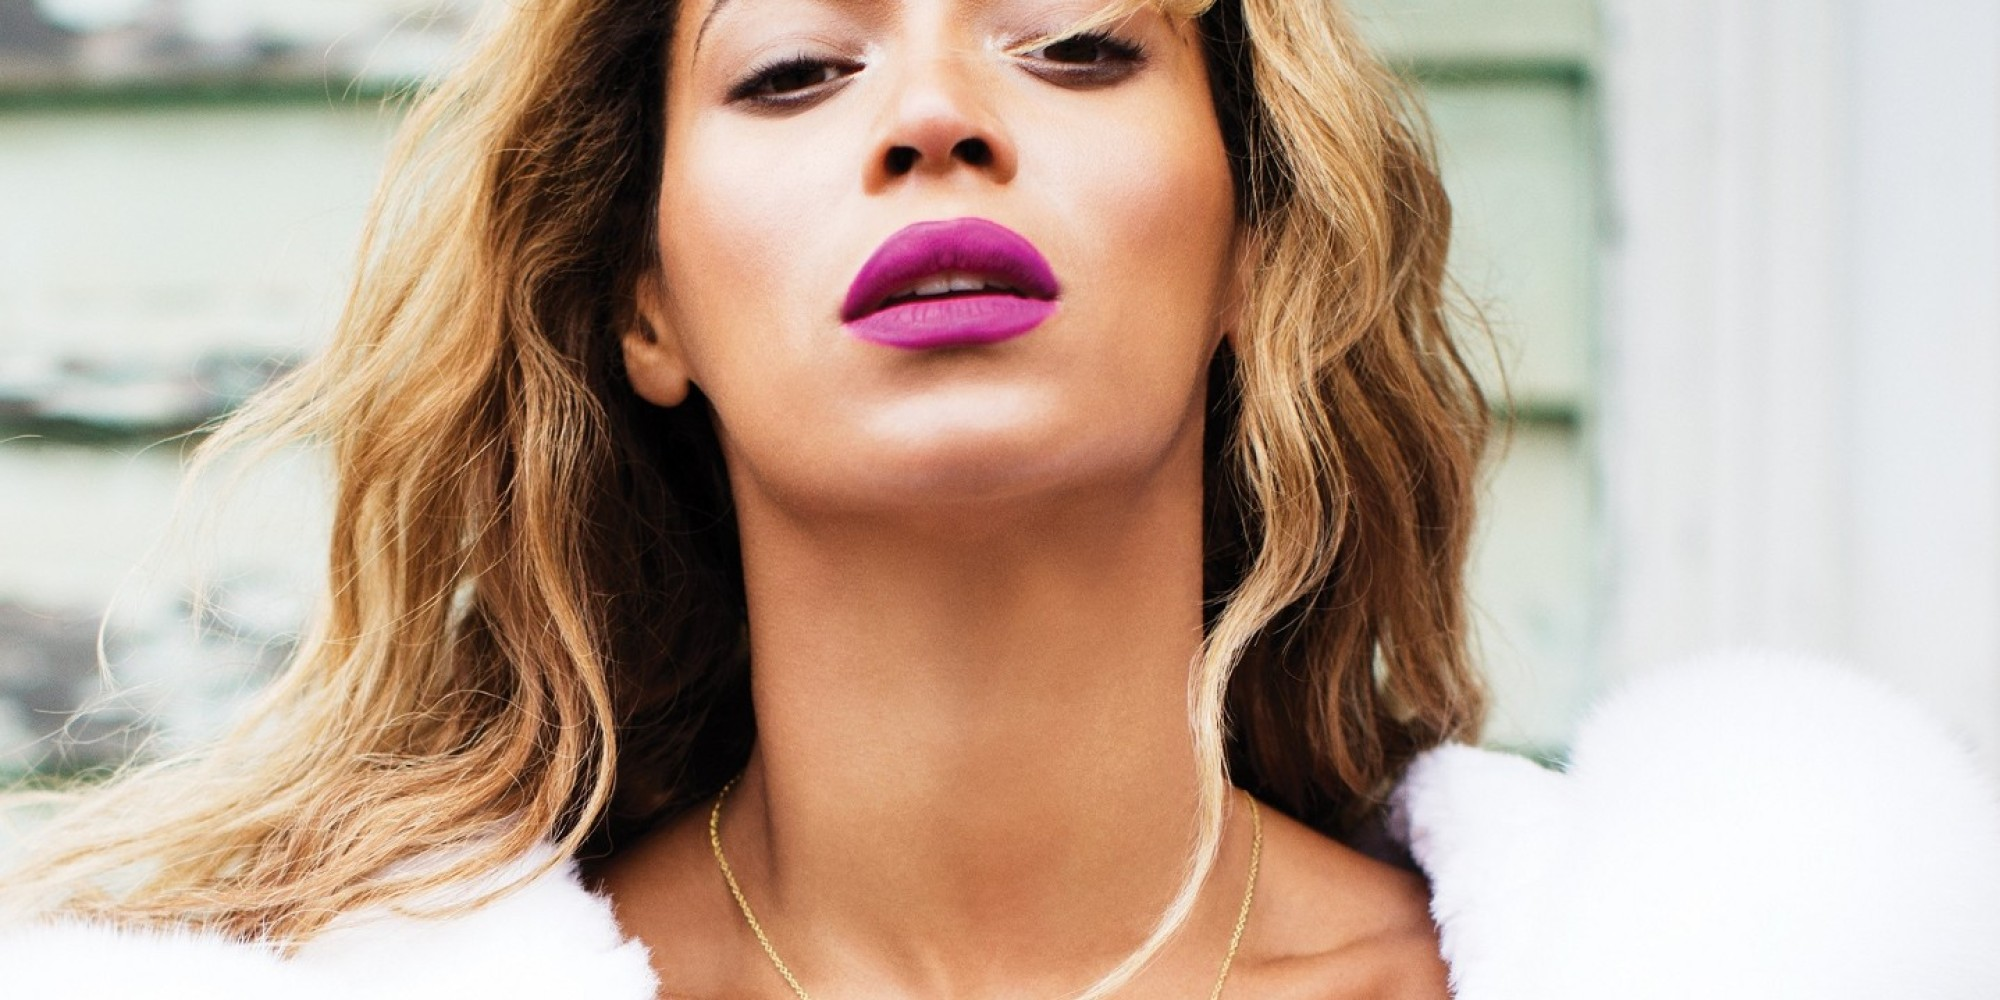 Beyoncé's Makeup Artist Shares